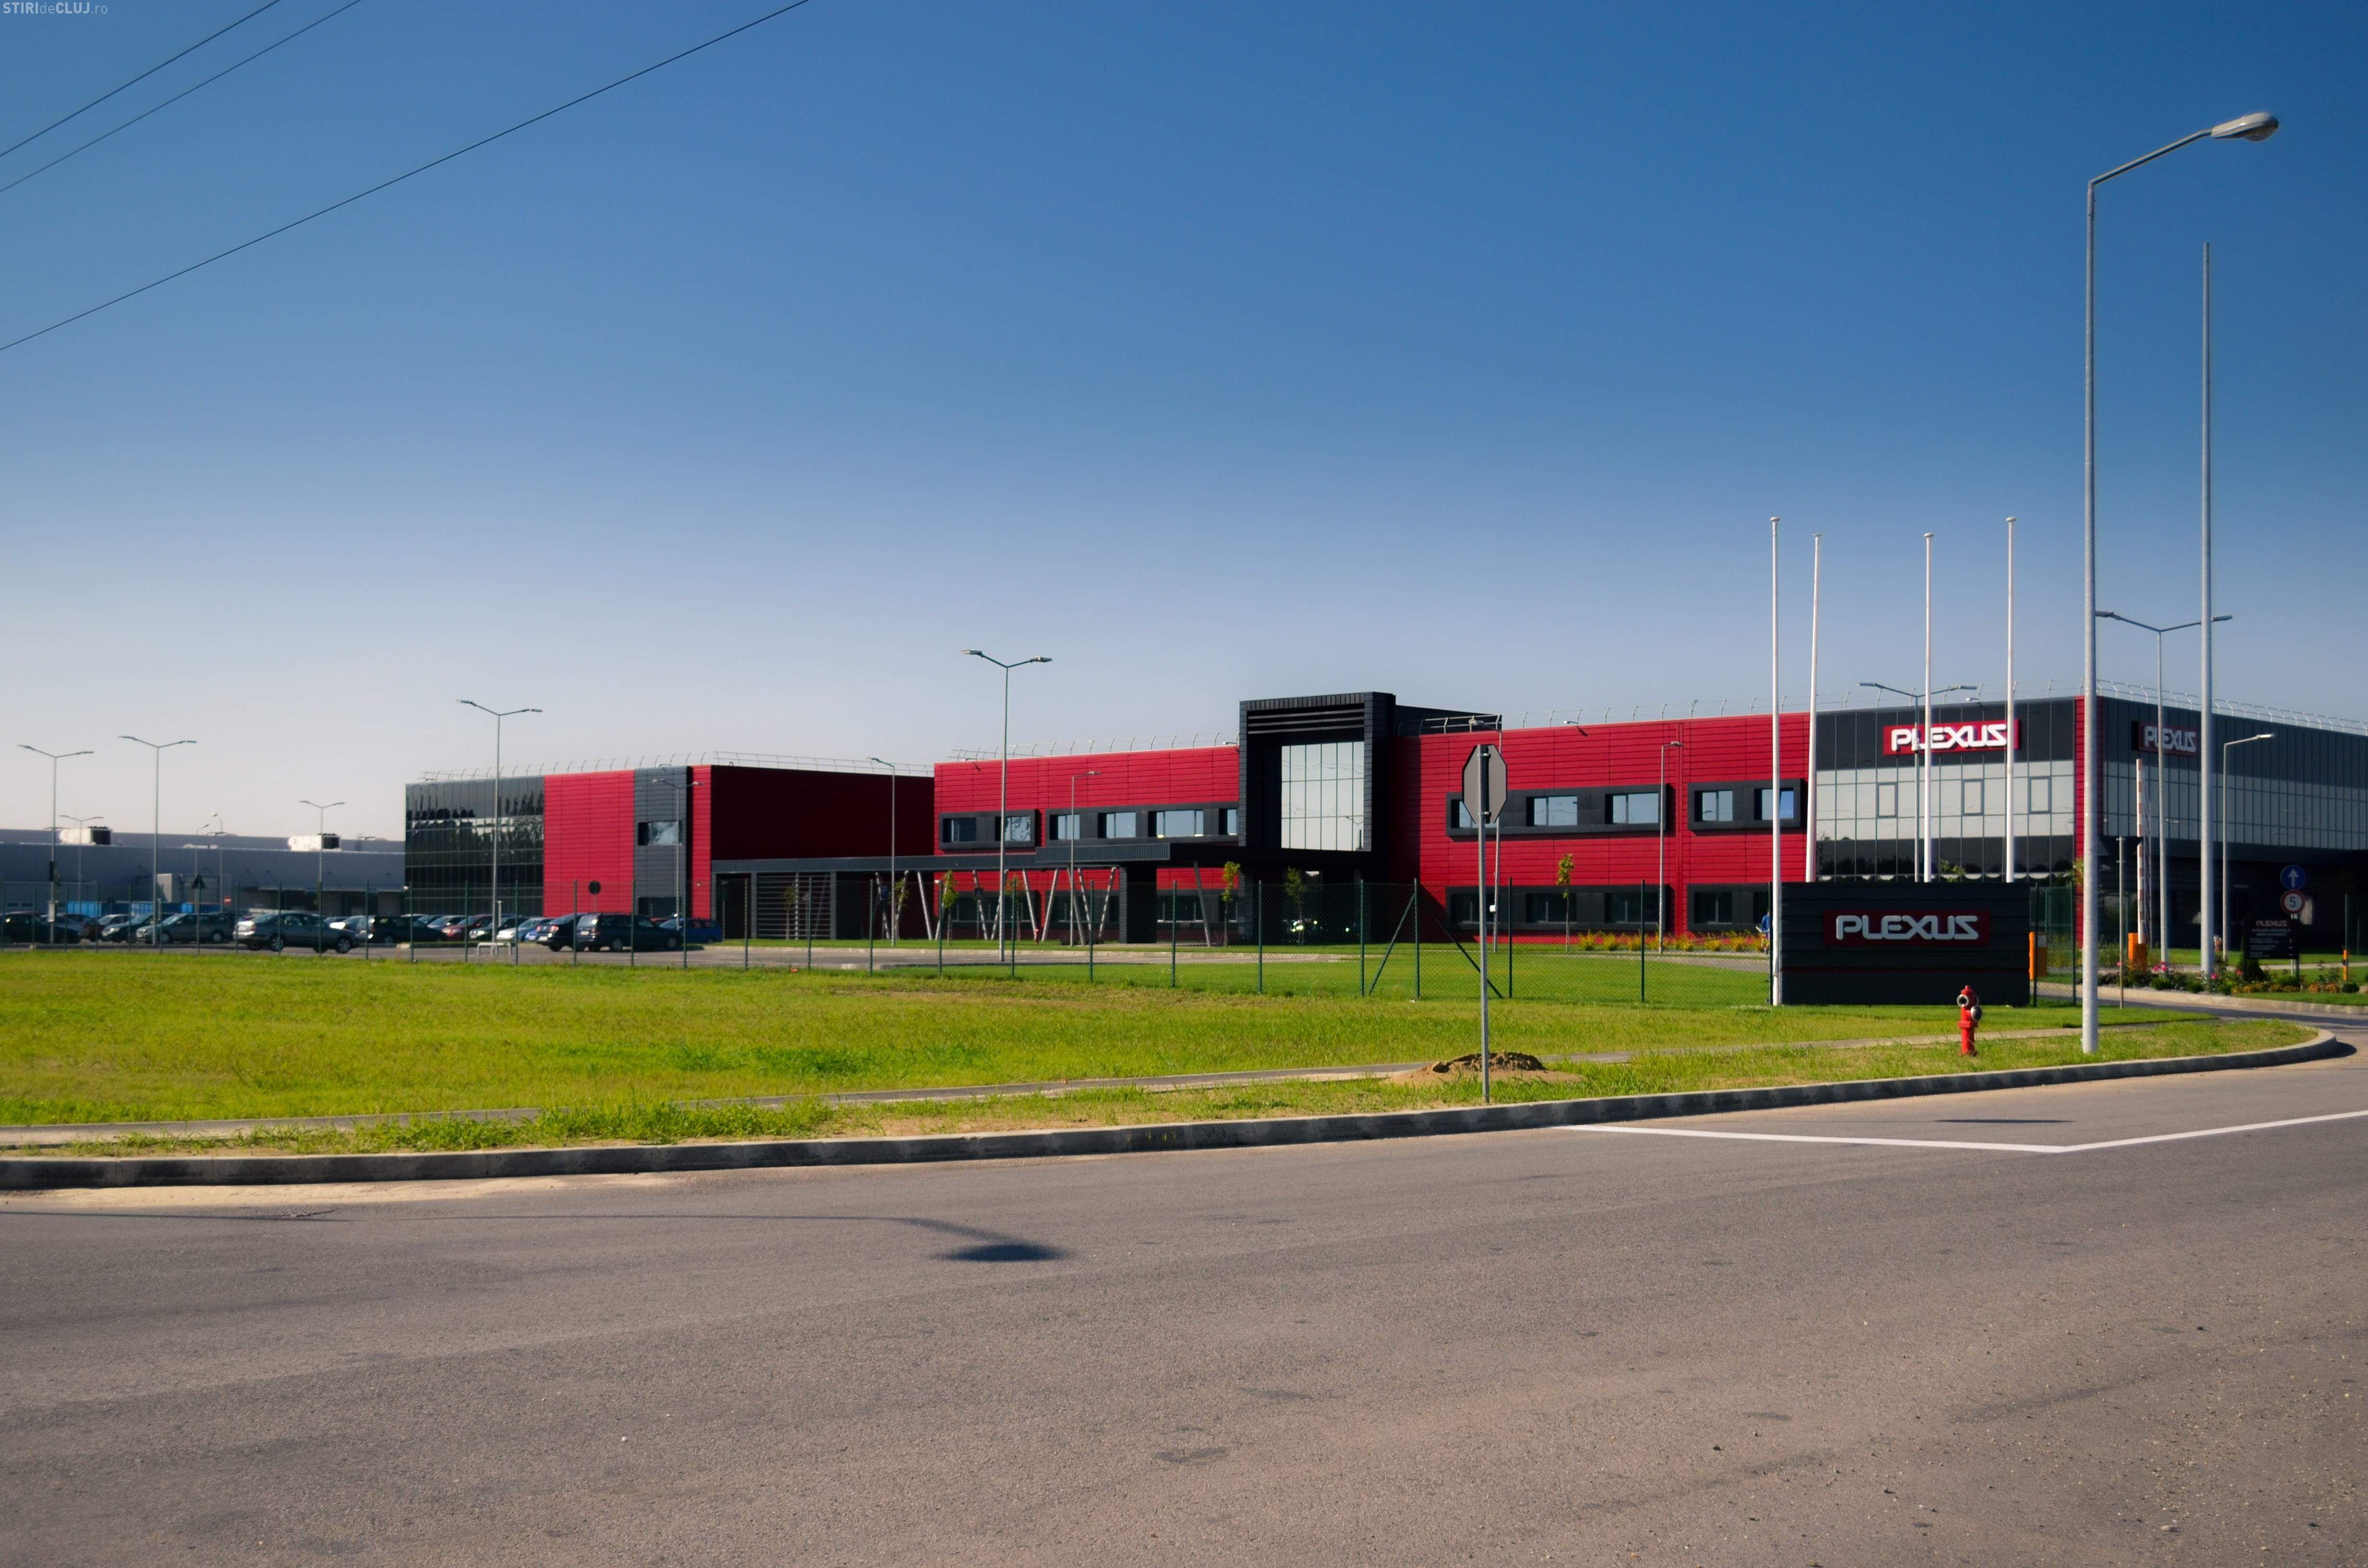 Peste 4000 locuri noi de muncă create prin REGIO în Transilvania de Nord (P)